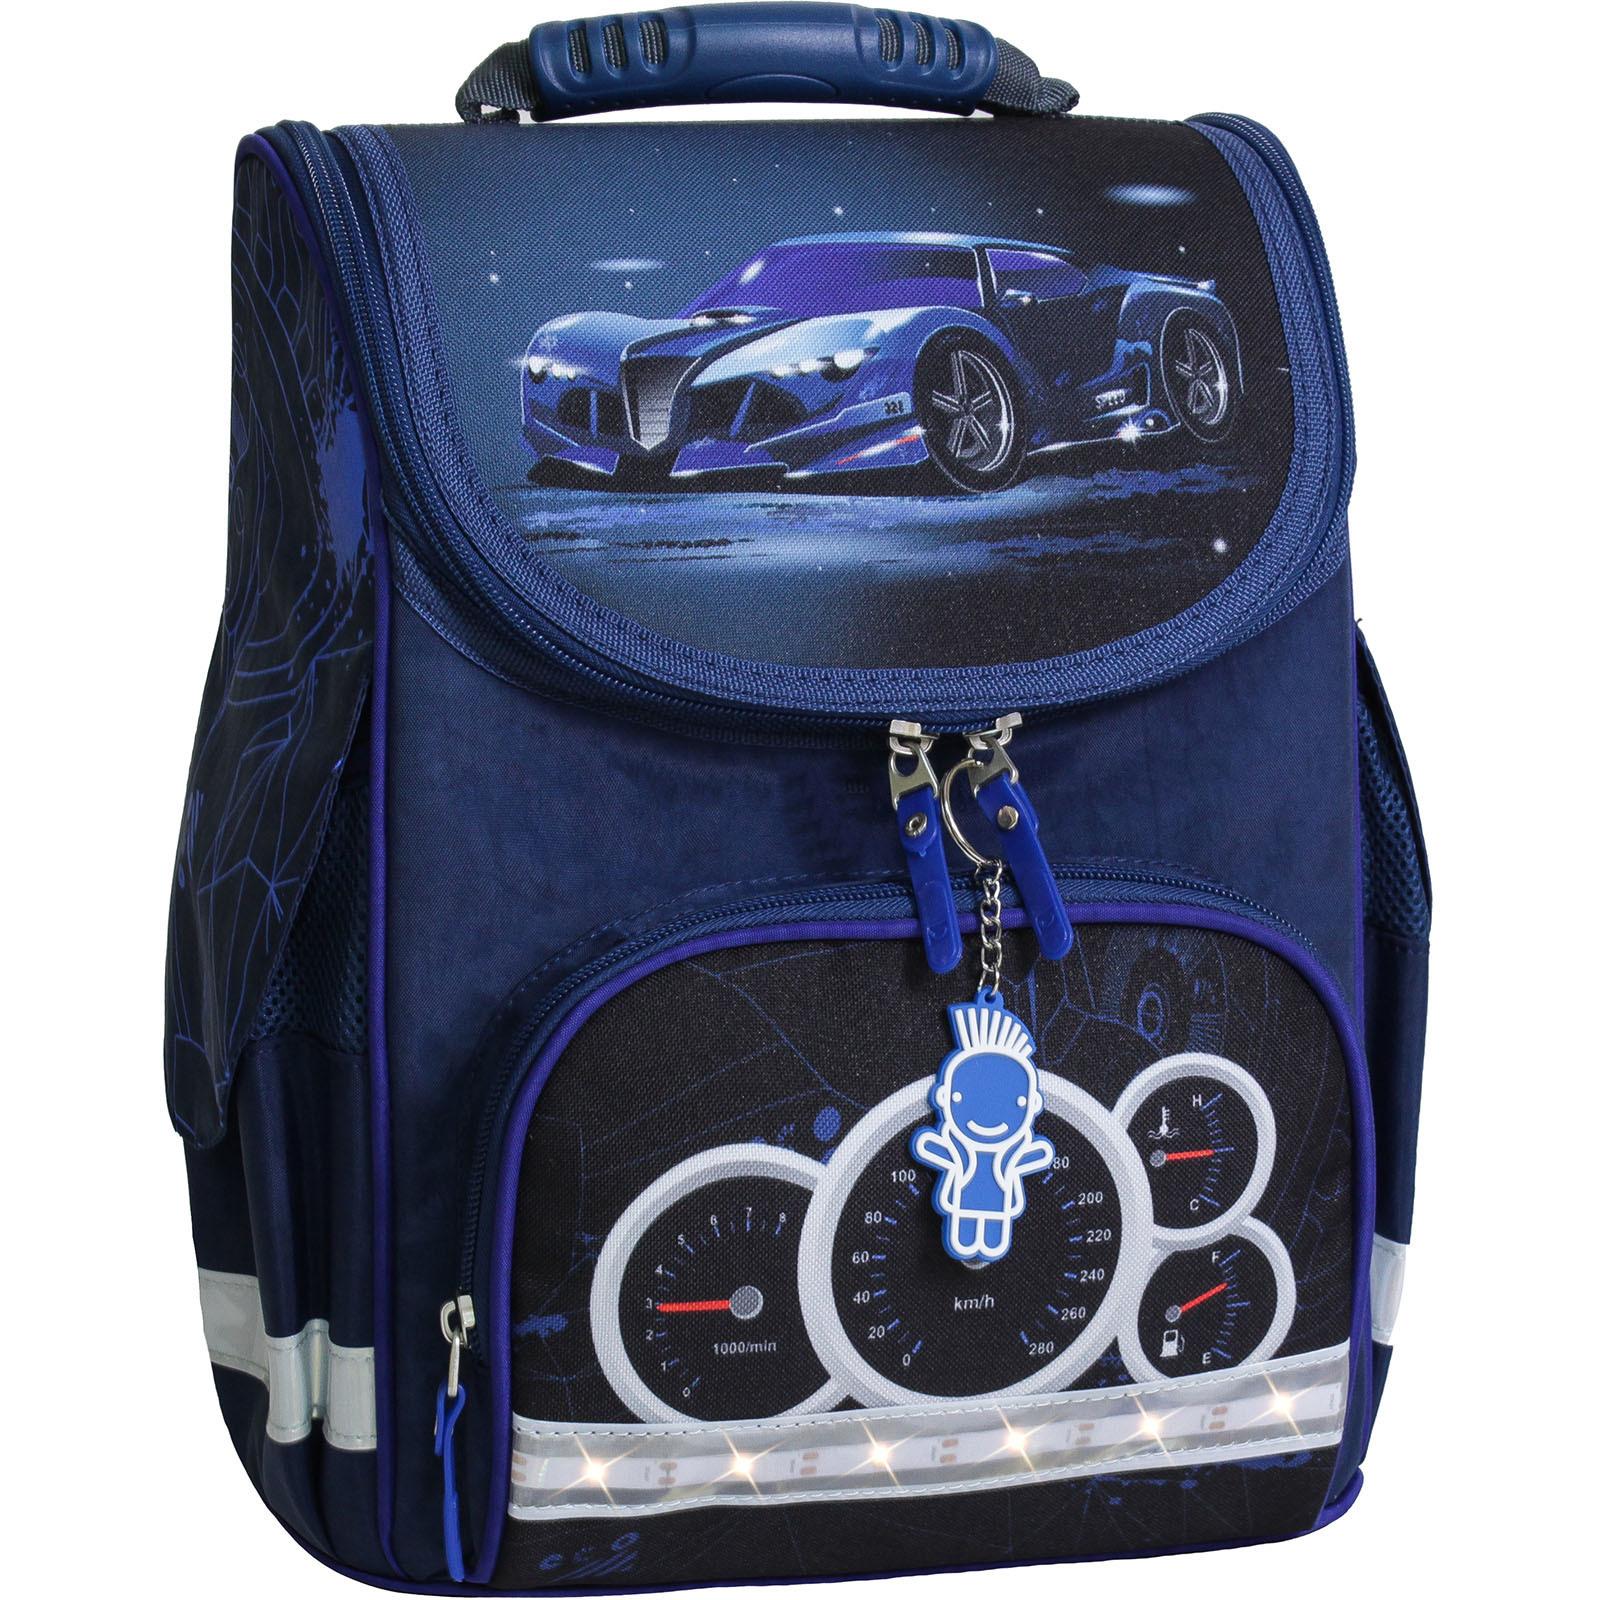 Школьные рюкзаки Рюкзак школьный каркасный с фонариками Bagland Успех 12 л. синий 248к (00551703) IMG_7969-1600.jpg